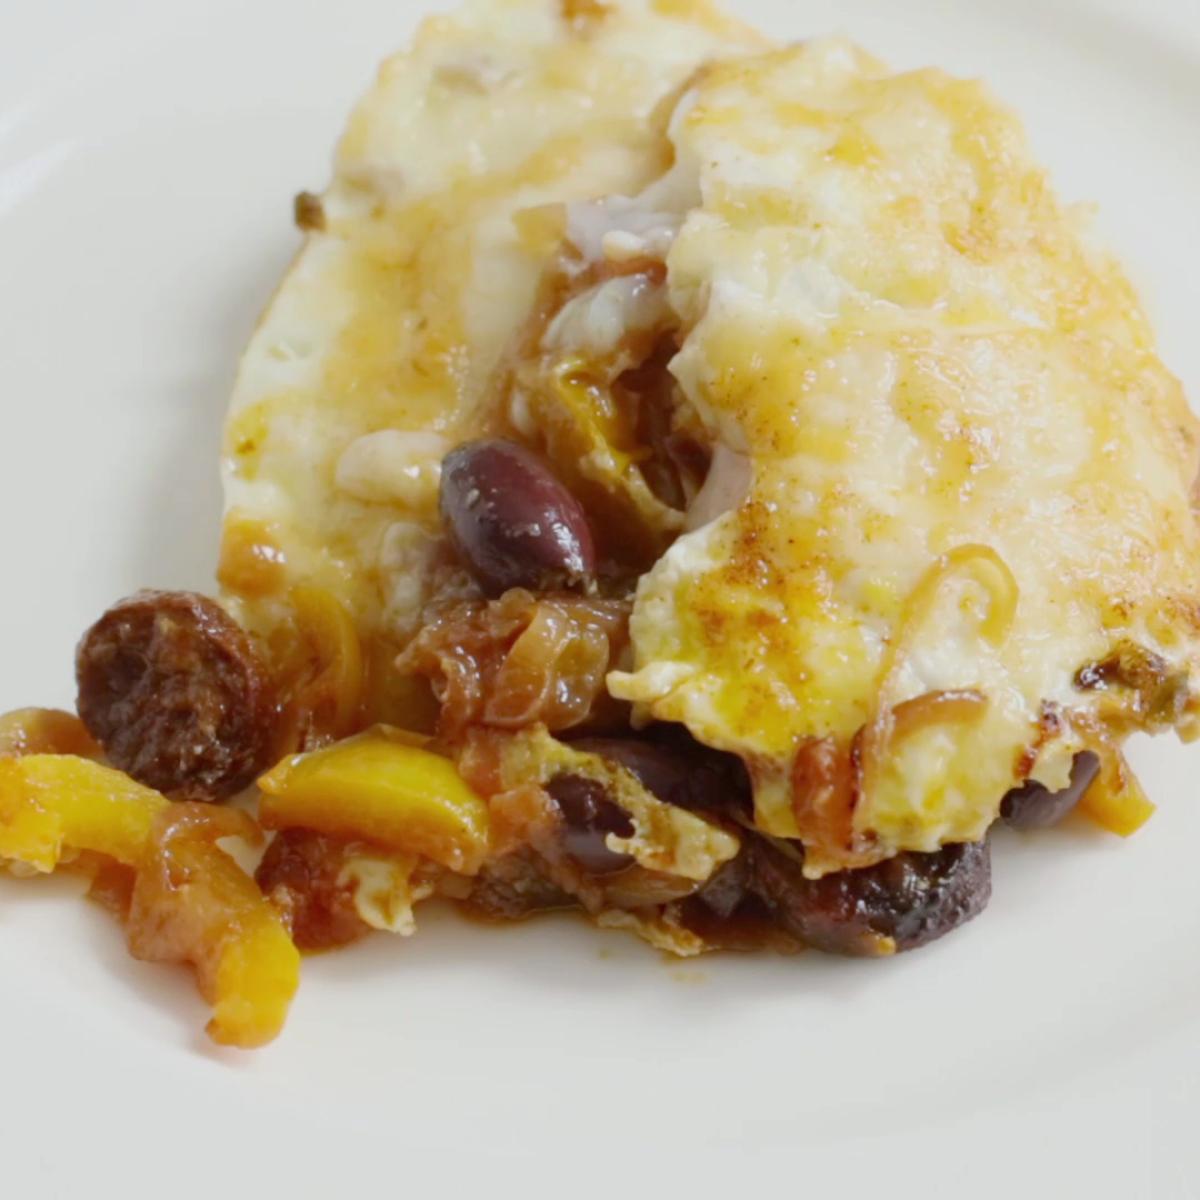 A picture of Delia's Eggs Basque recipe